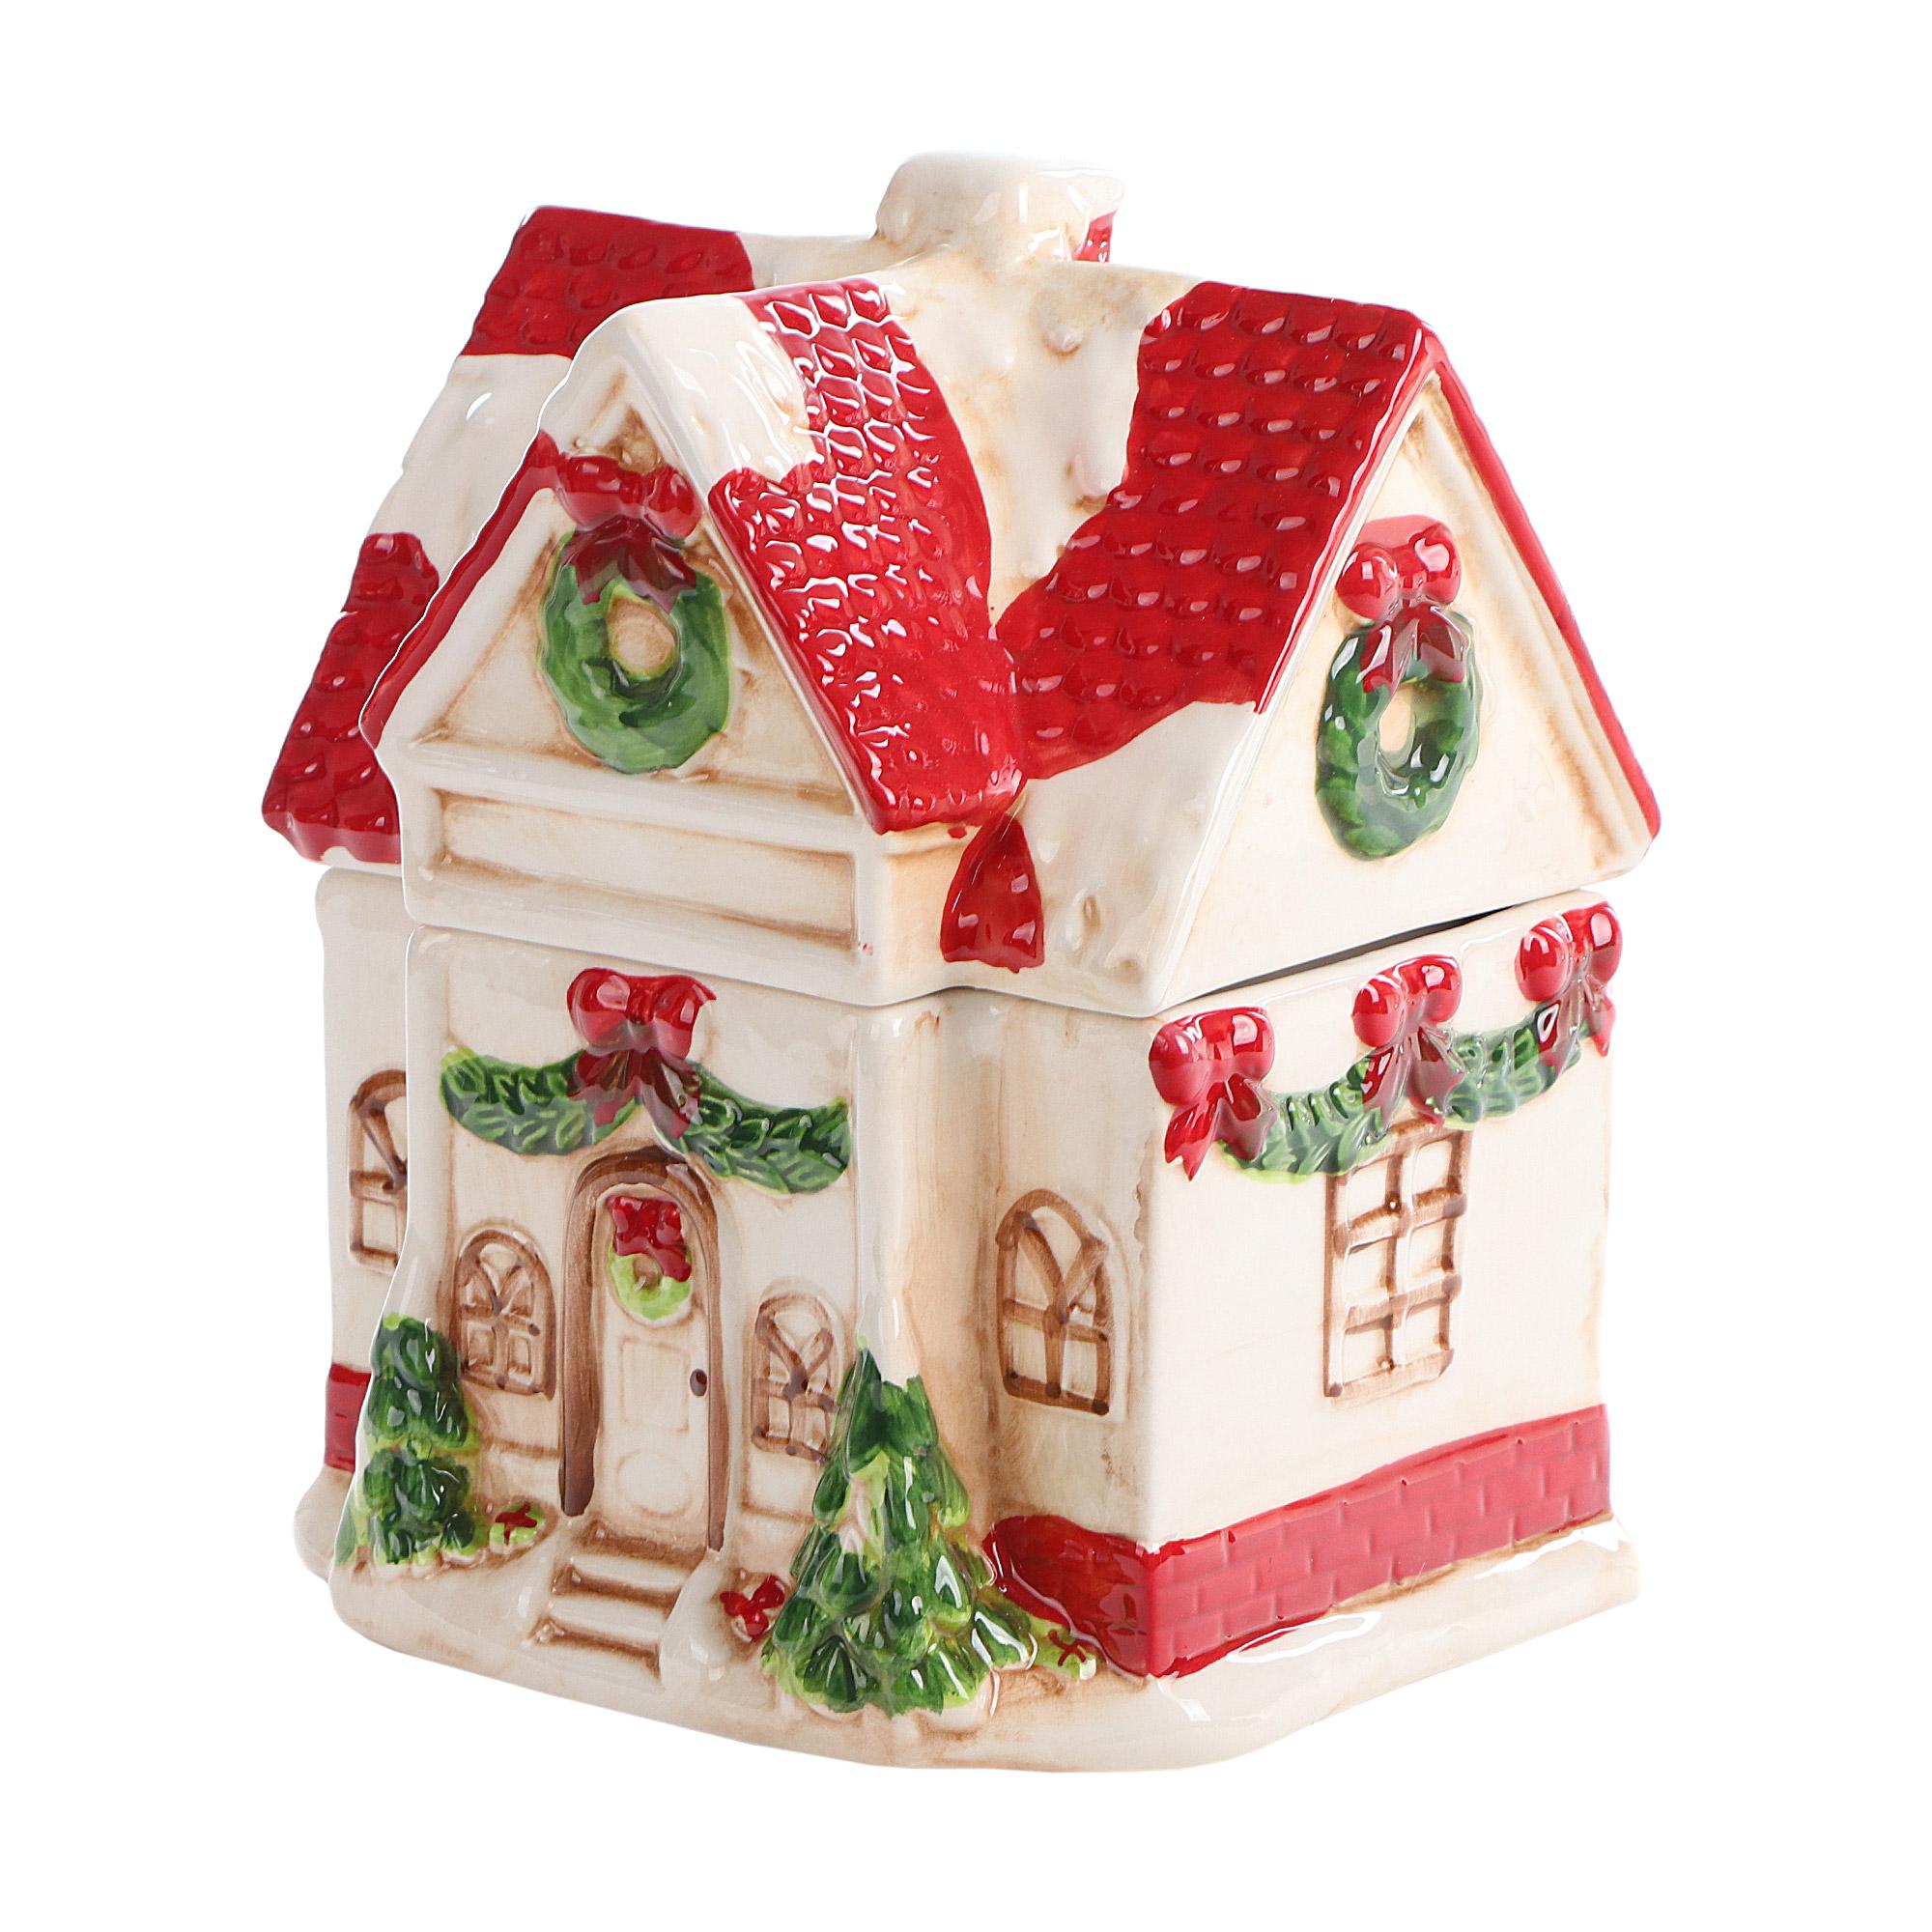 Банка для сладостей Christmas Fairytale Дом 22 см